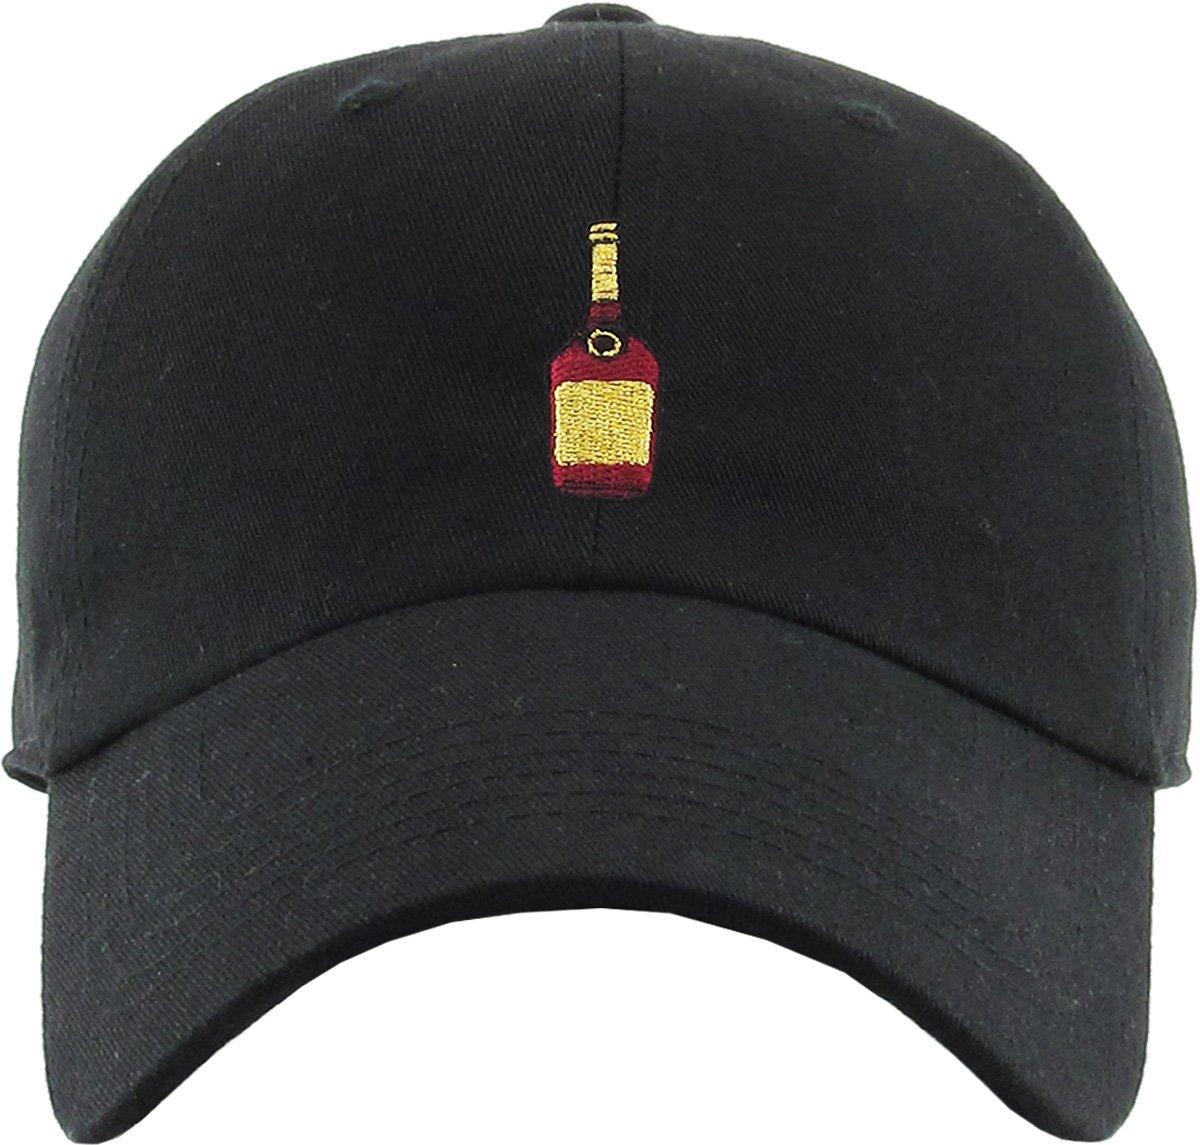 0c2b9291 KBETHOS Henny Bottle Dad Hat Baseball Cap Polo Style Unconstructed ...